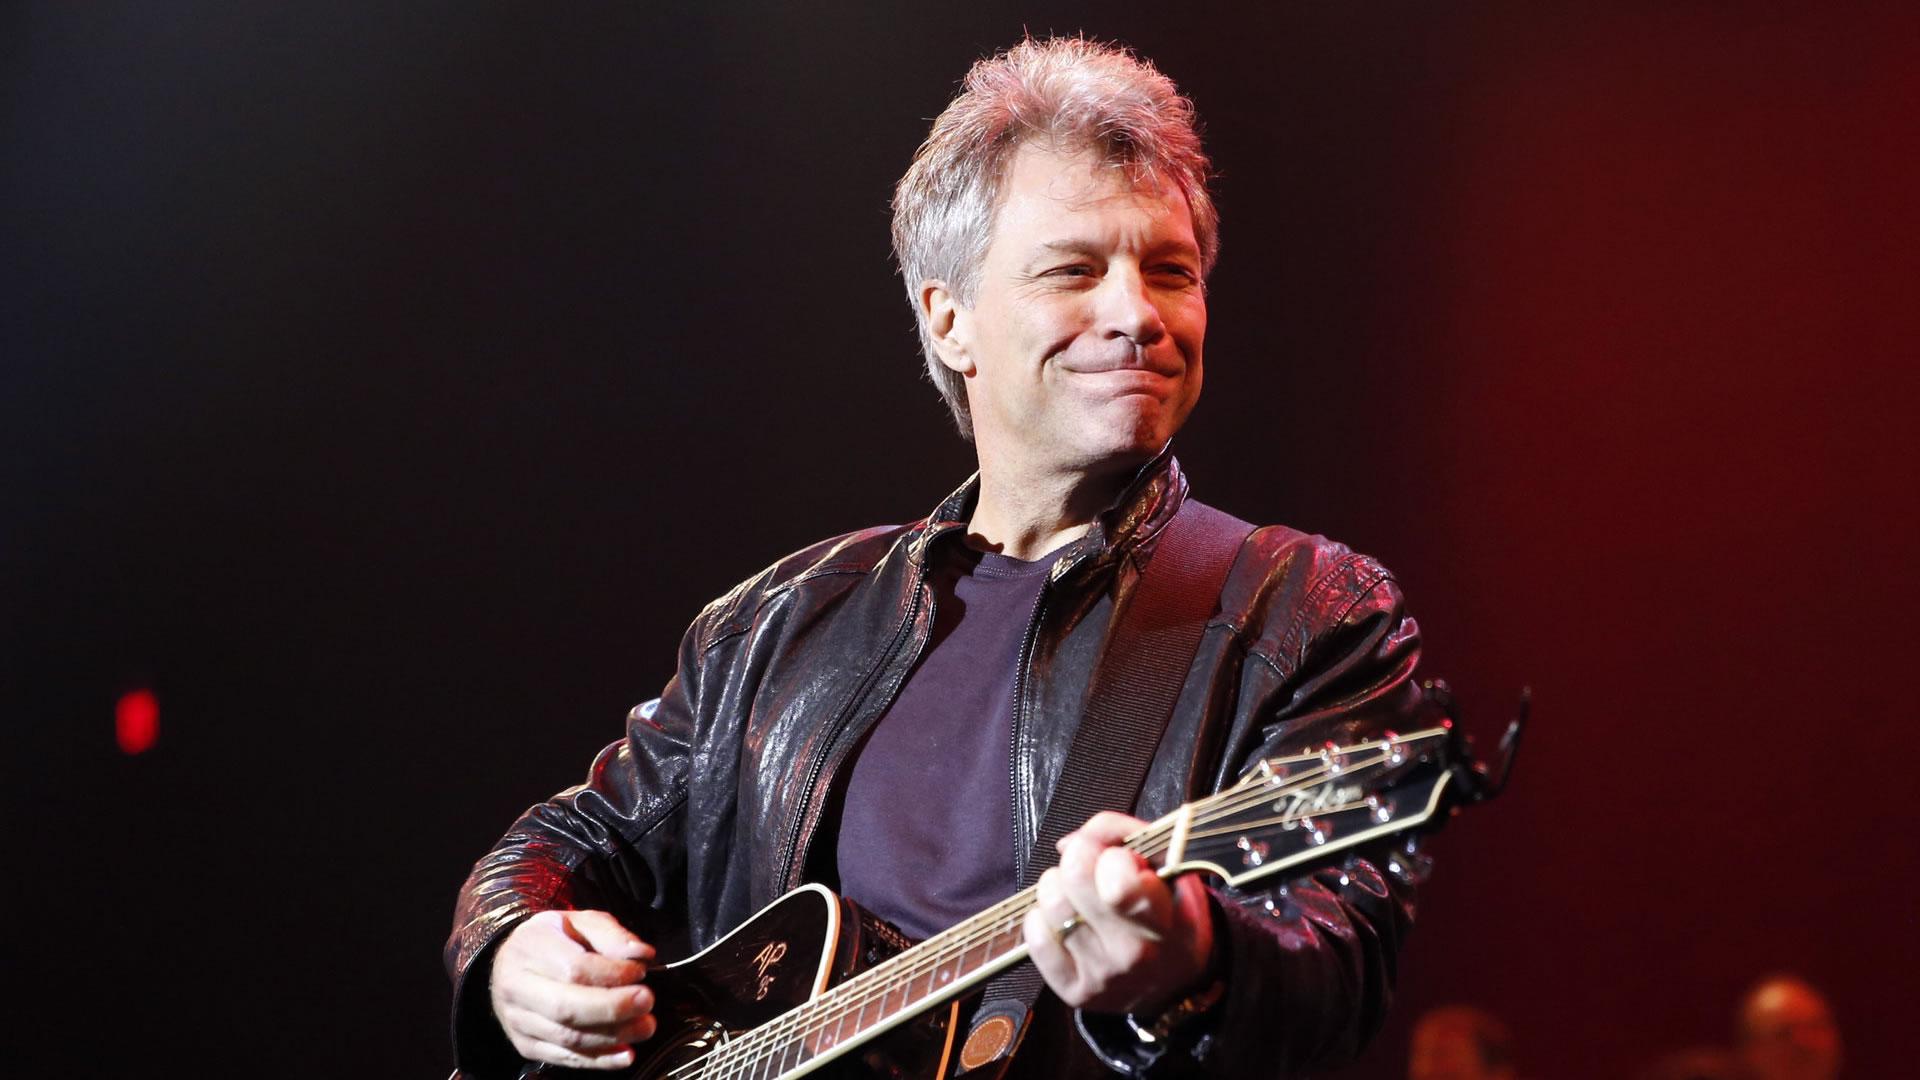 Bon Jovi confirma concierto en Perú en octubre de 2019